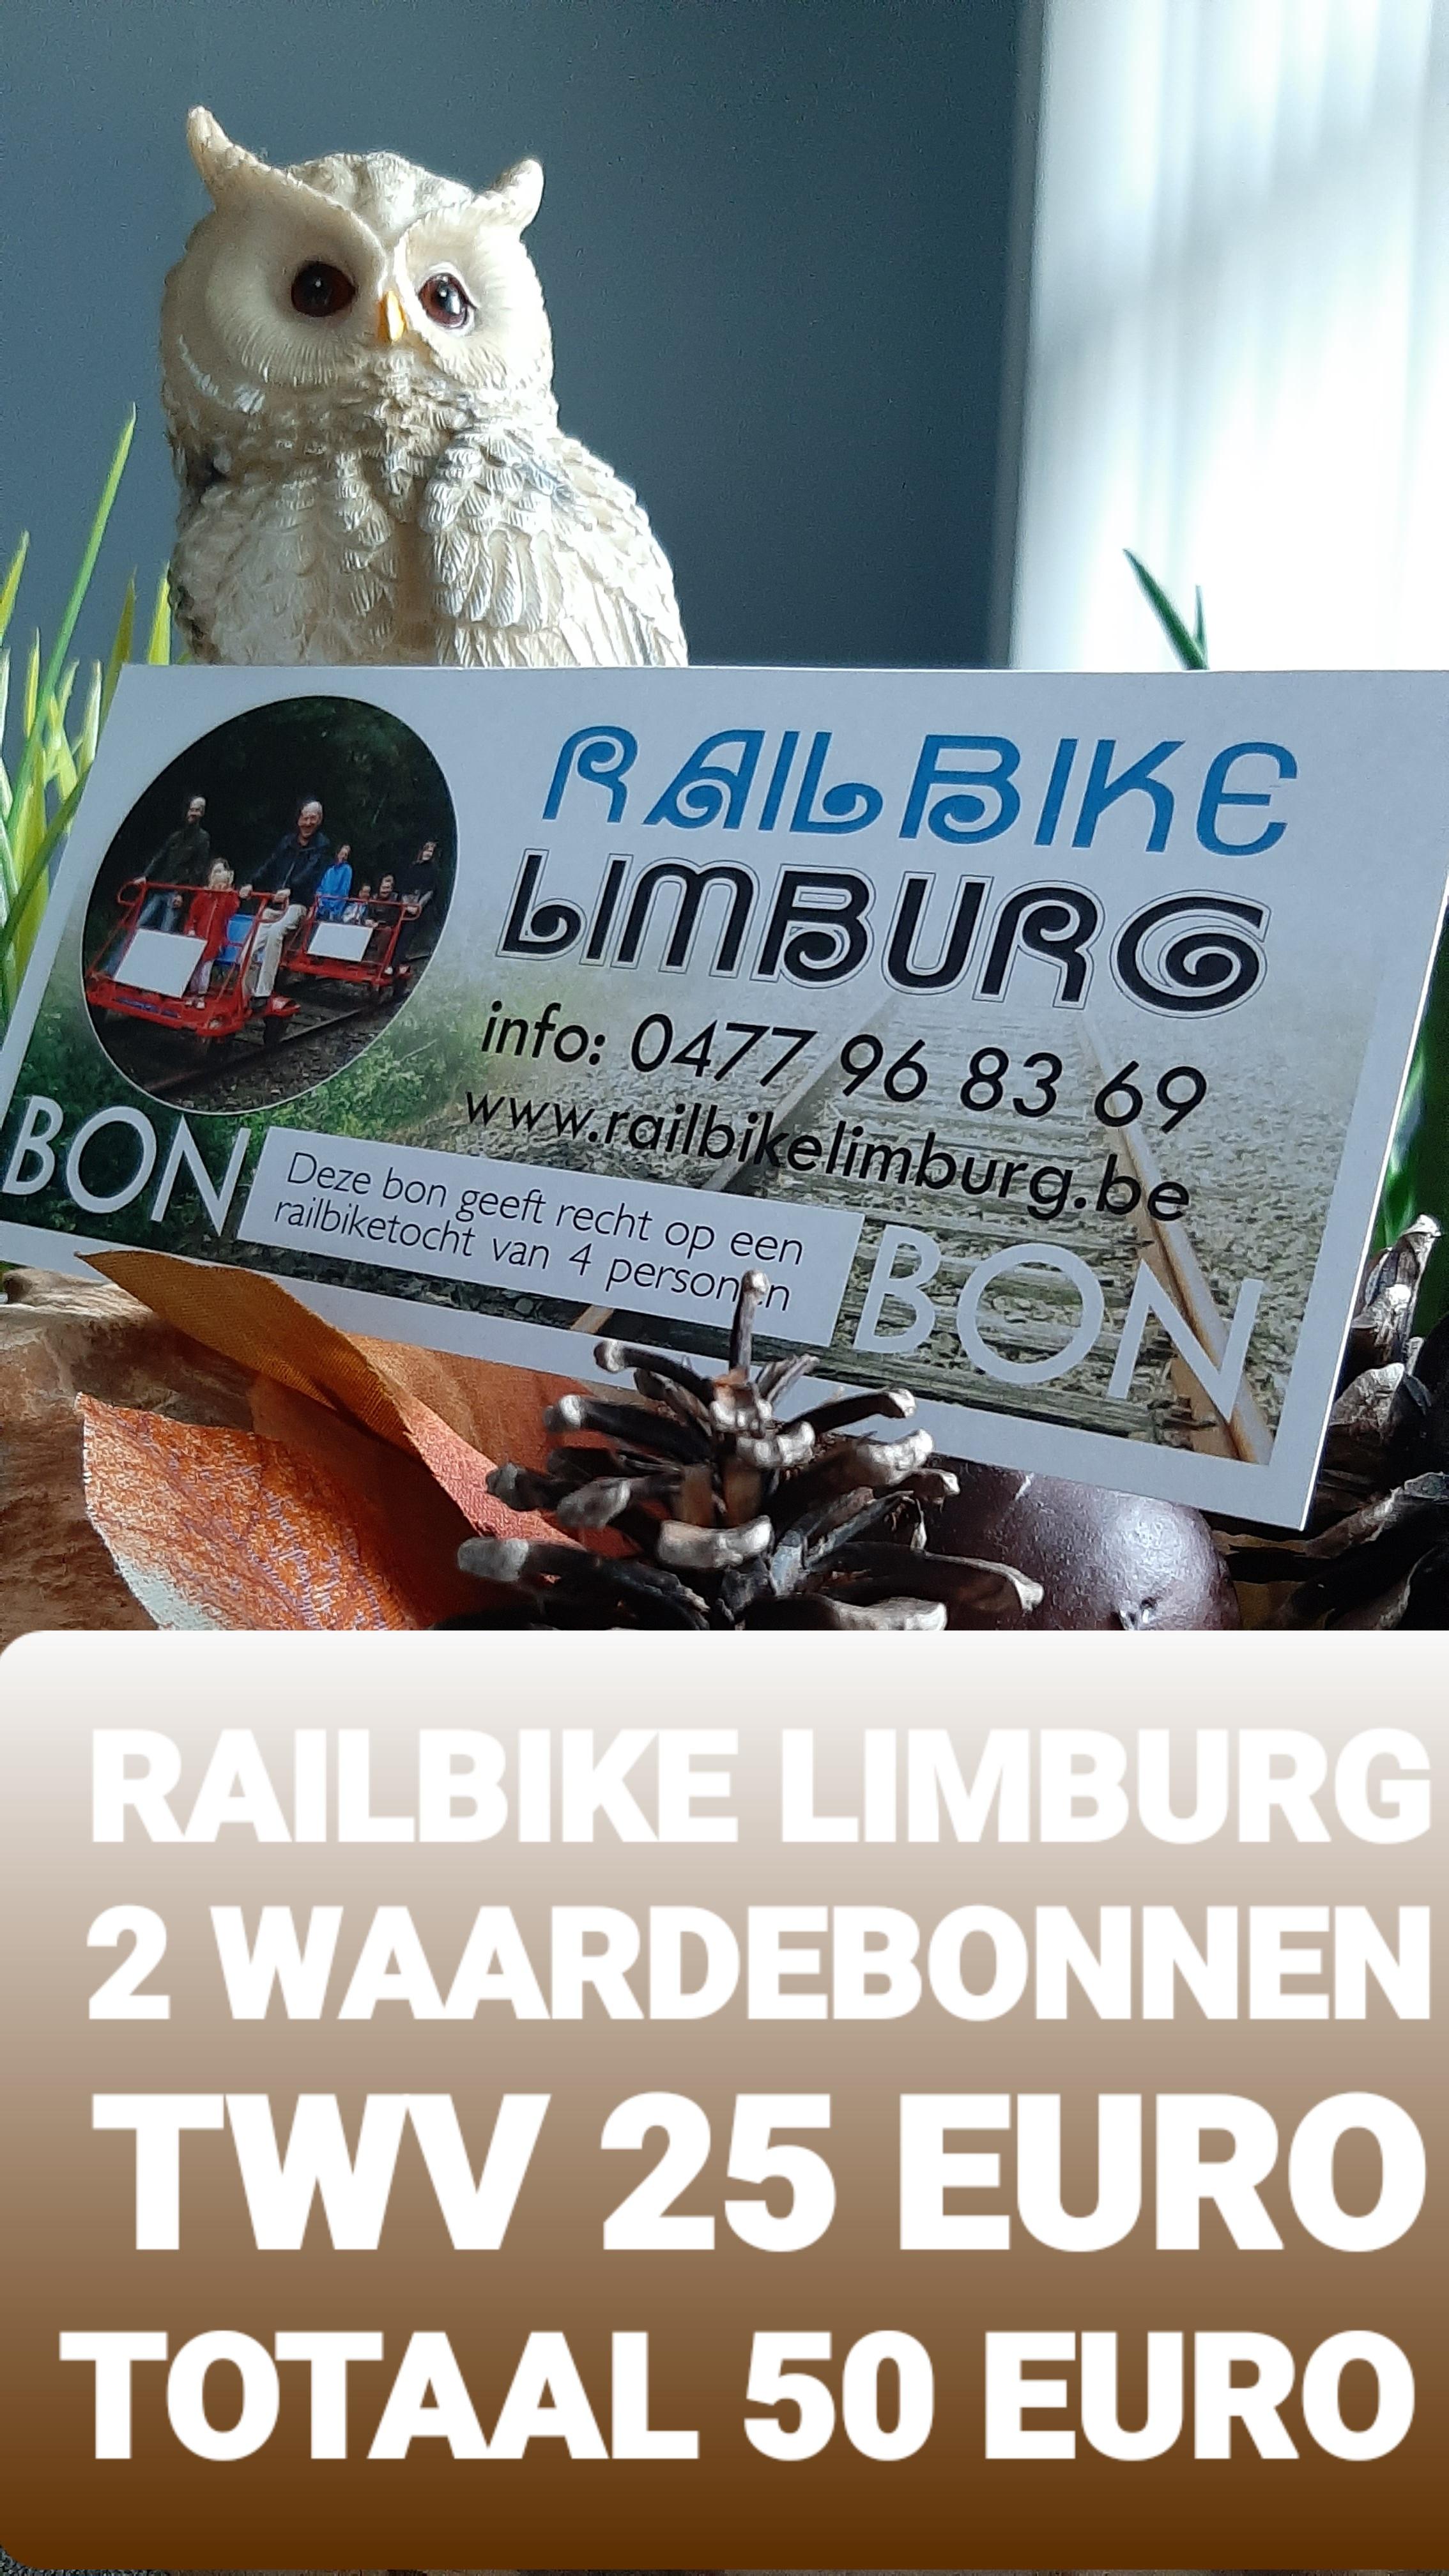 Railbike Limburg